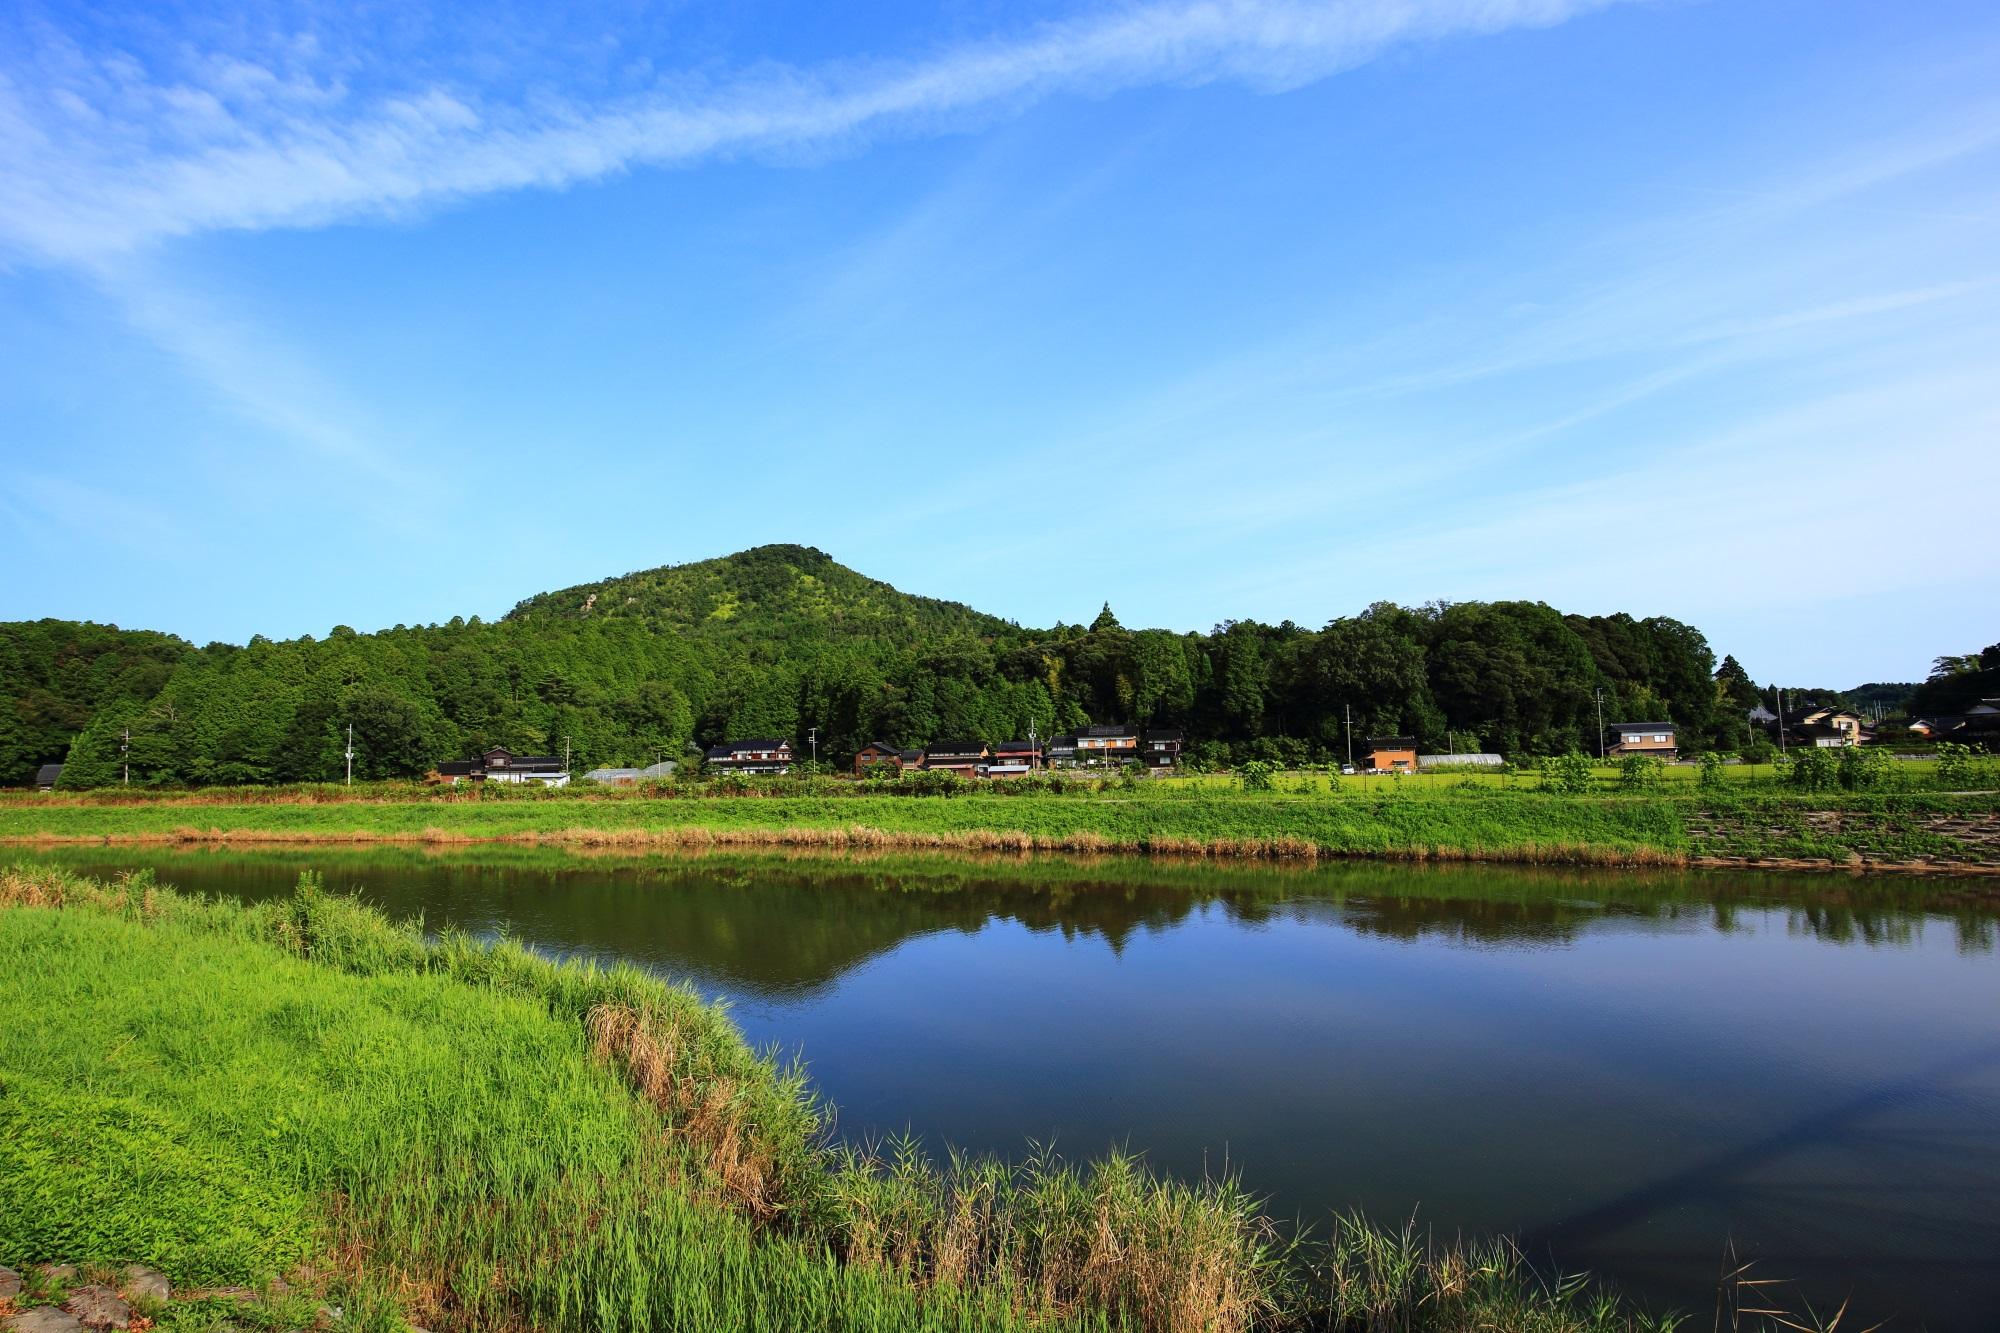 久美浜湾へ流れる「川上谷川」と奥に見える兜山